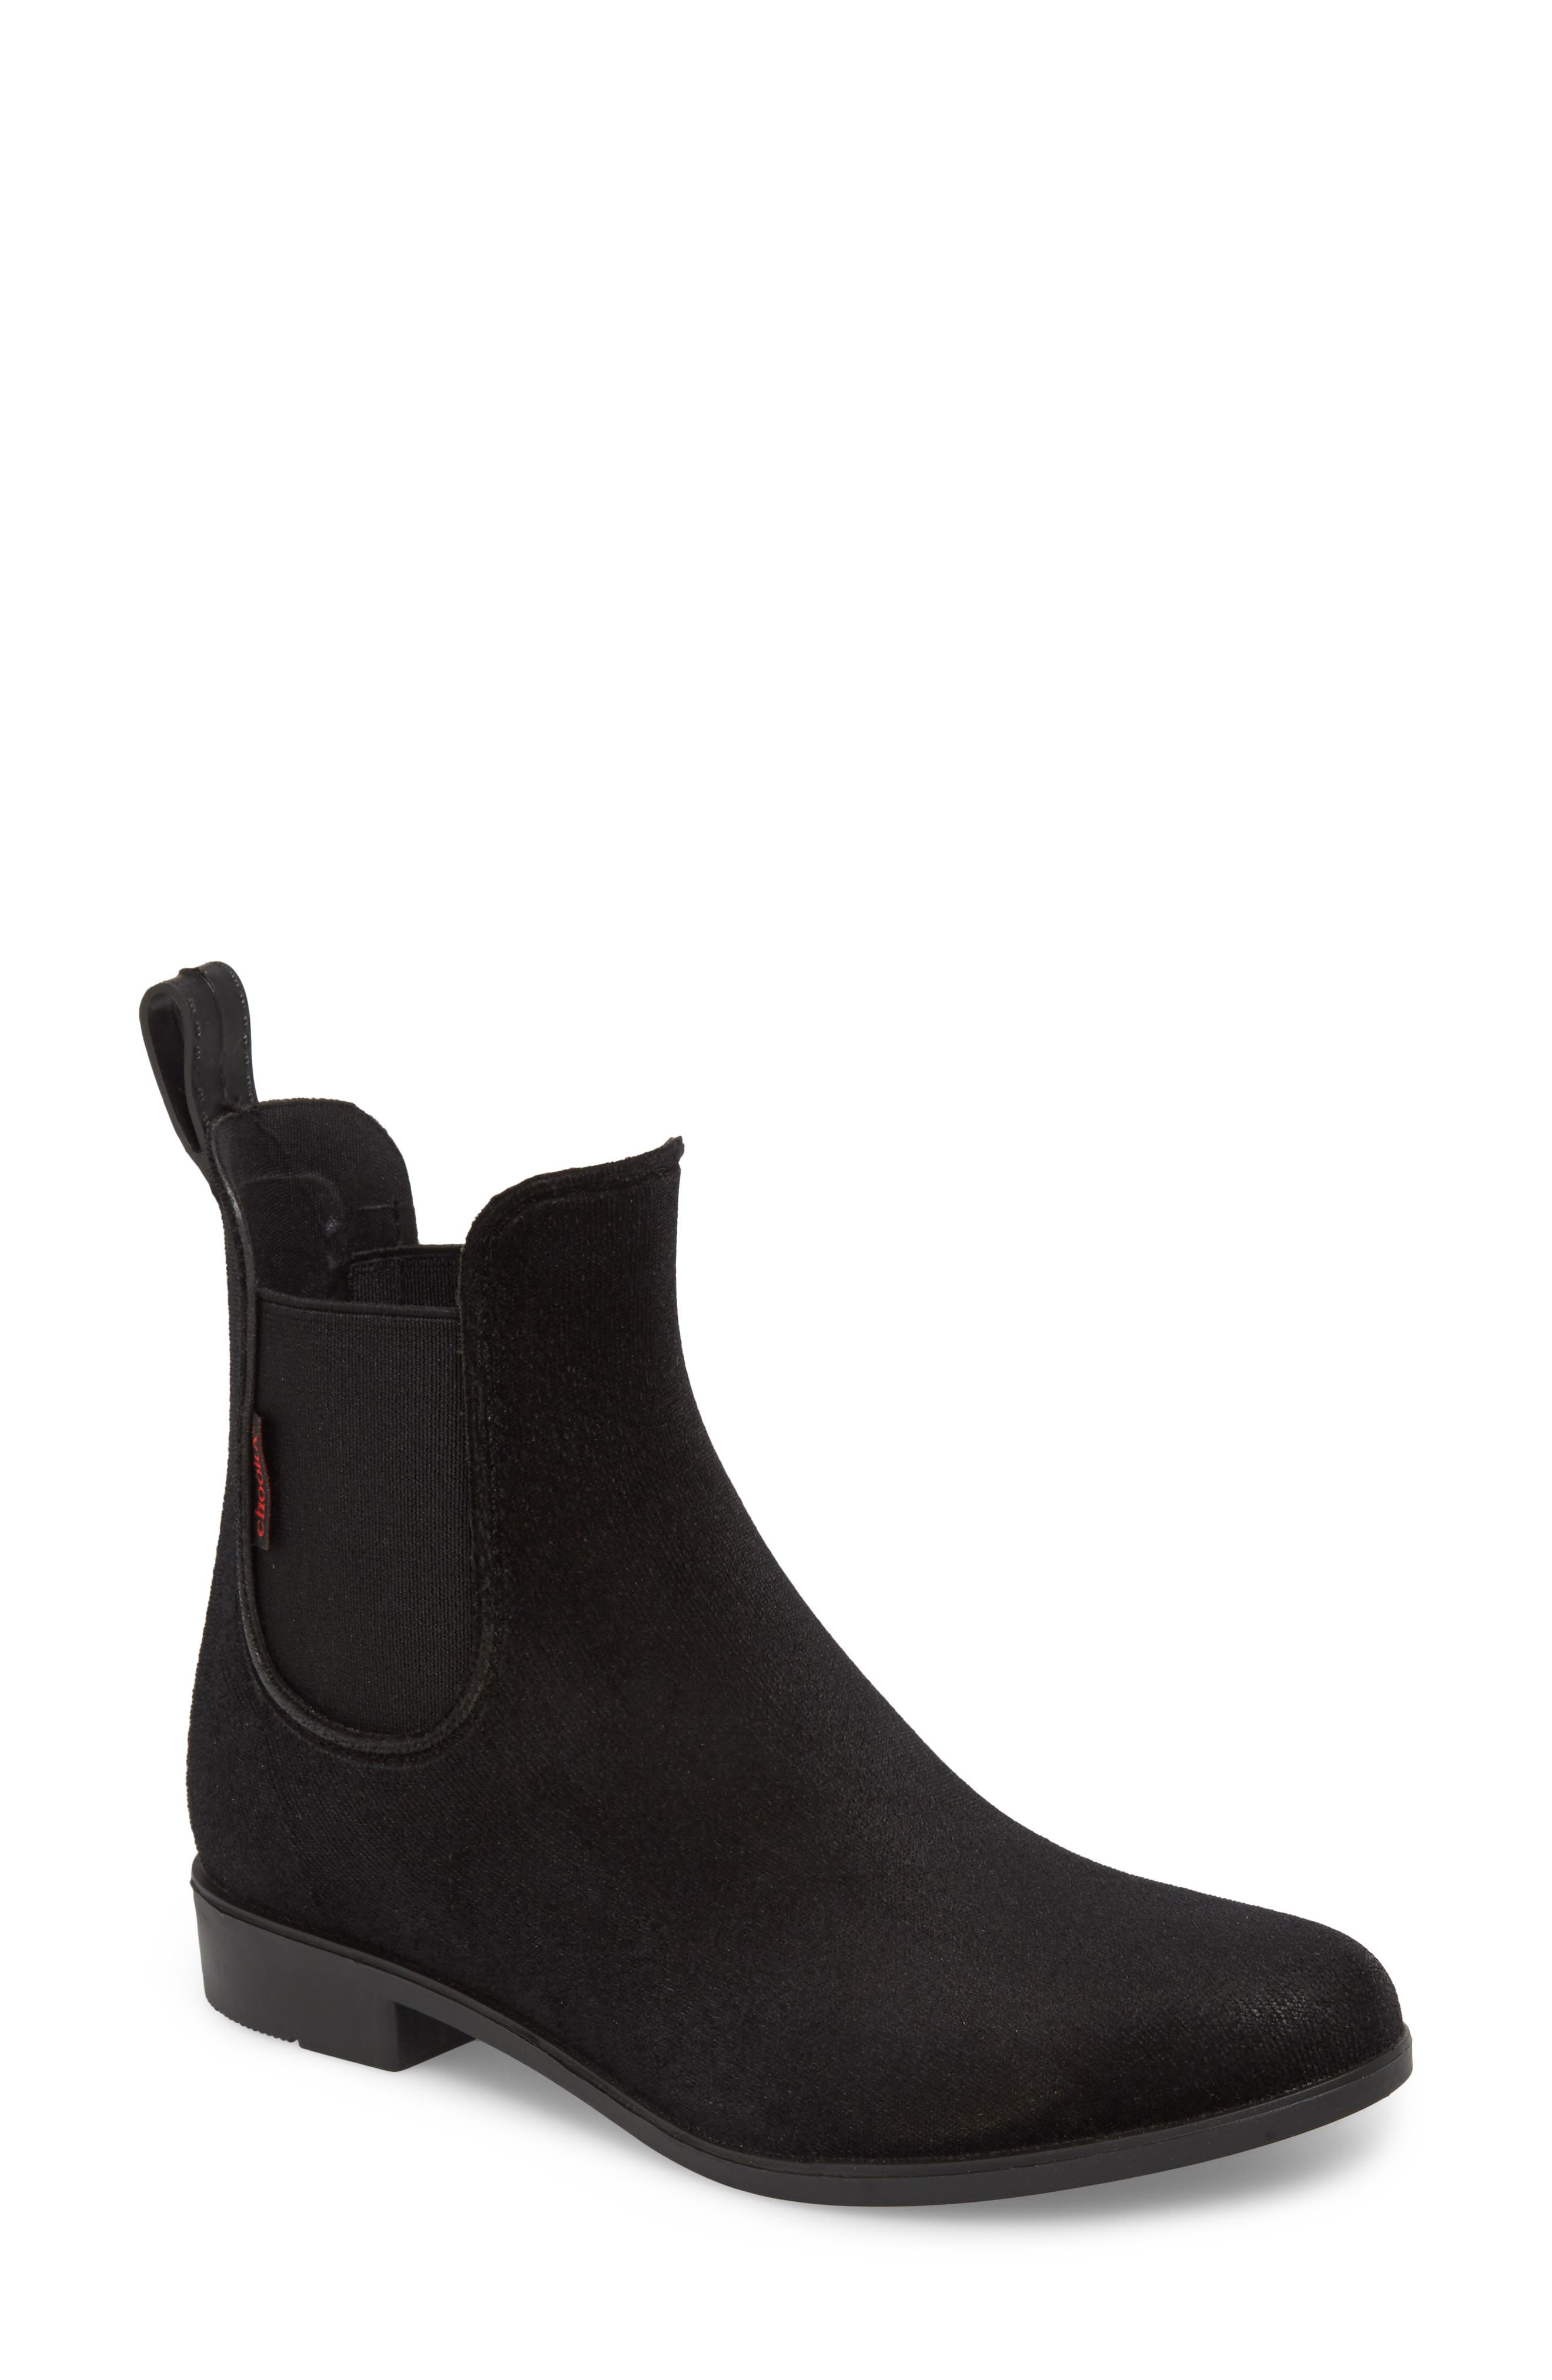 CHOOKA Waterproof Velvet Chelsea Waterproof Rain Boot, Main, color, 001